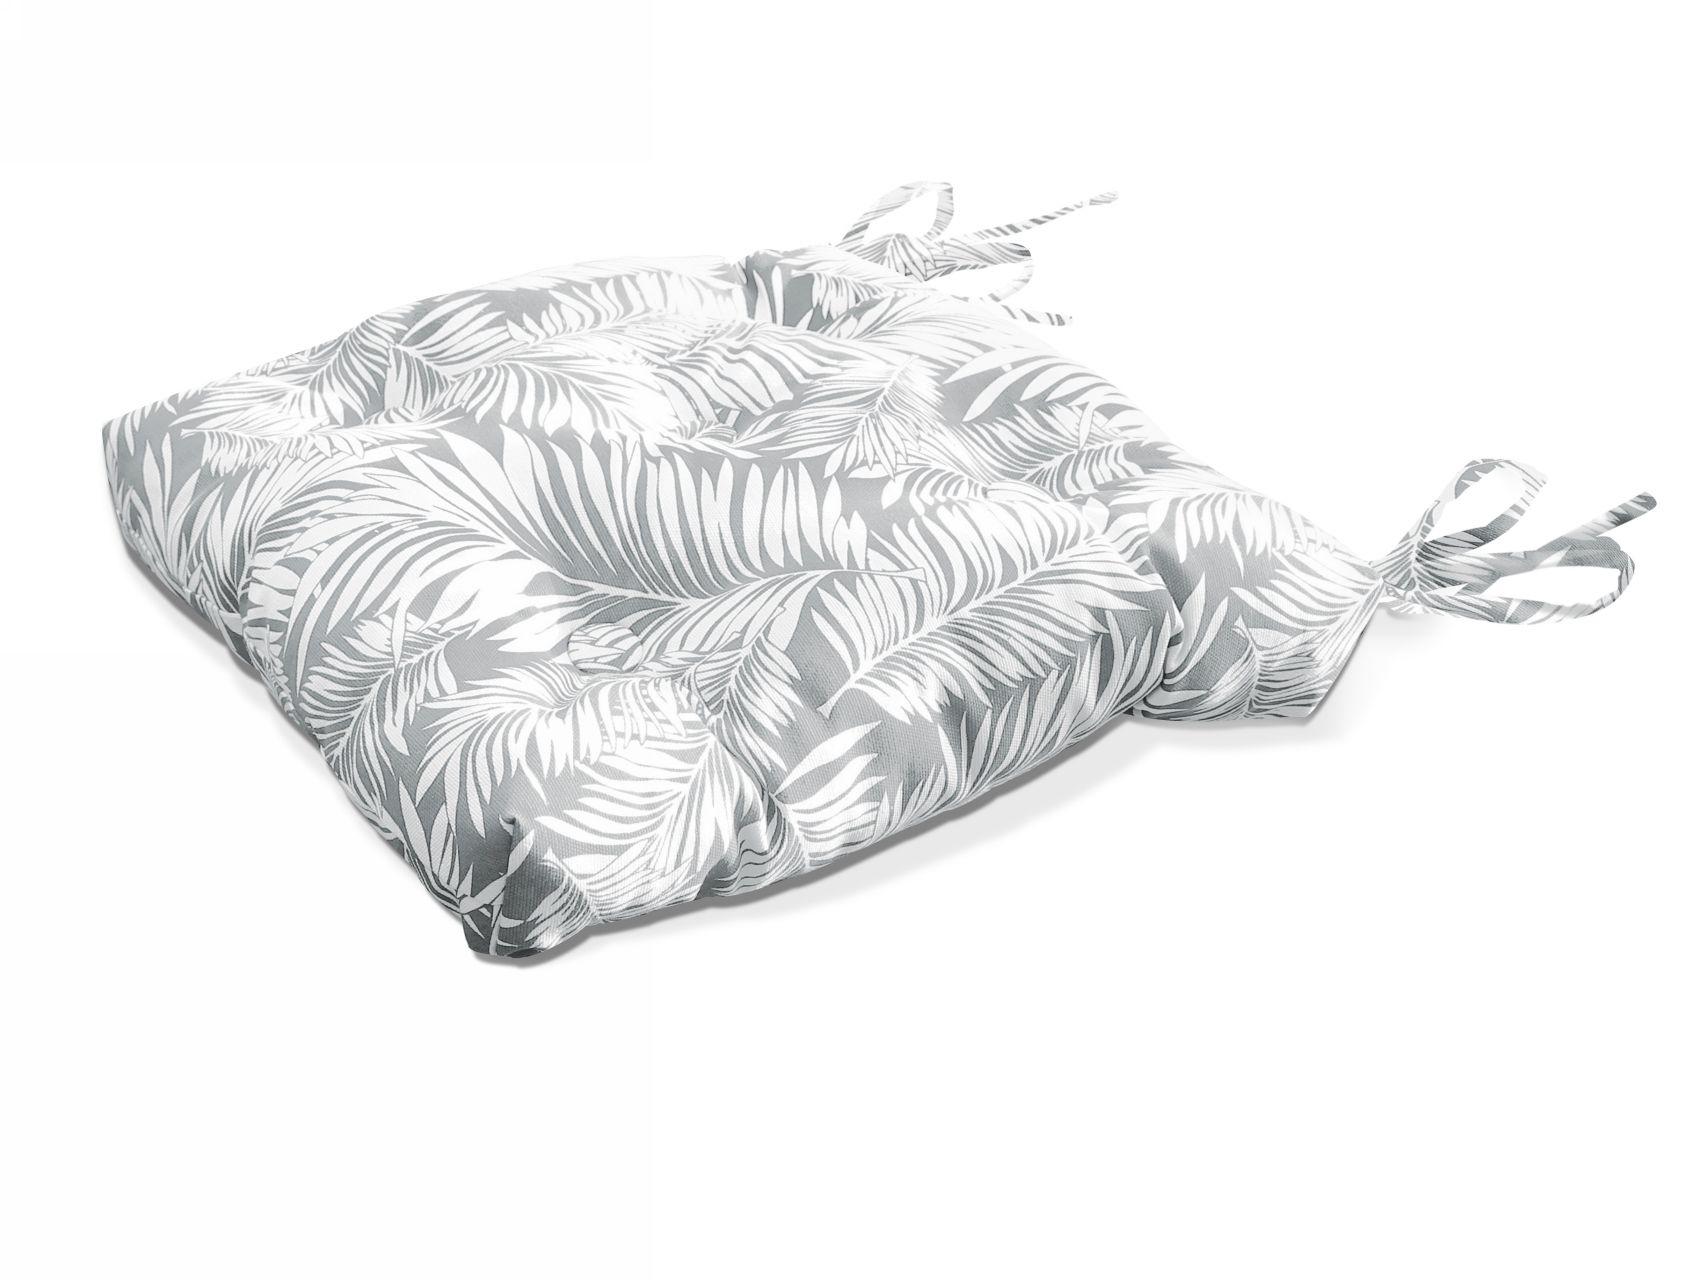 Подушки на стул Kauffort Подушка на стул Palma Цвет: Серый (40х40) подушка на стул арти м райский сад